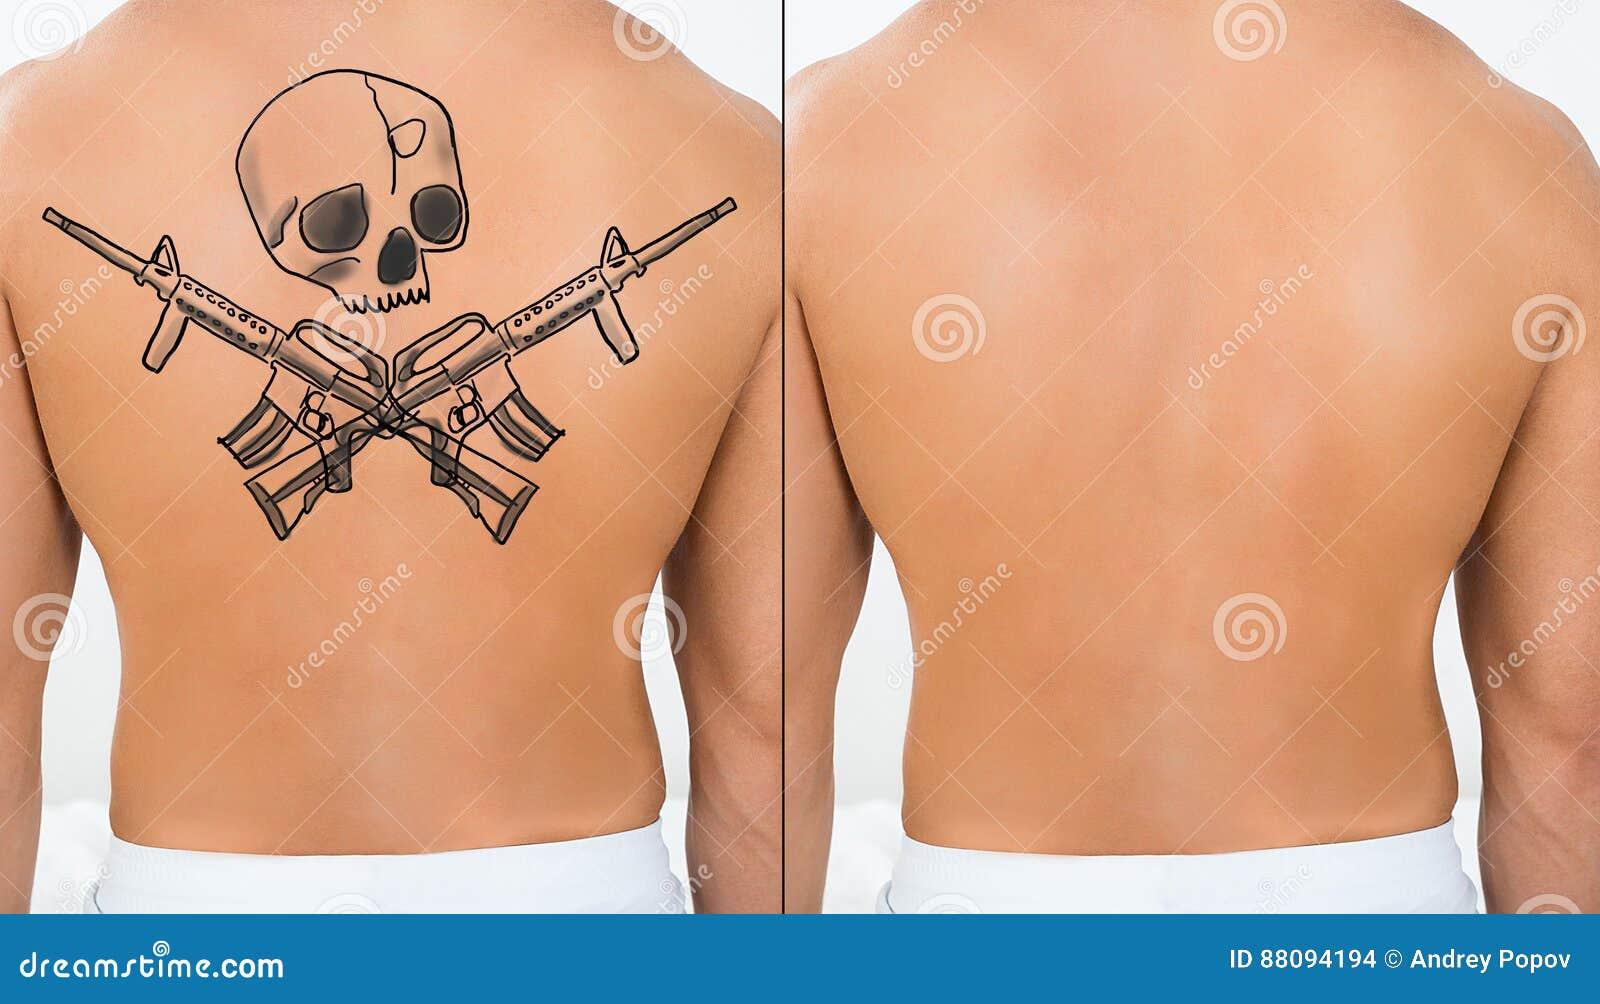 De Person Showing Laser Tattoo Removal do tratamento parte traseira sobre